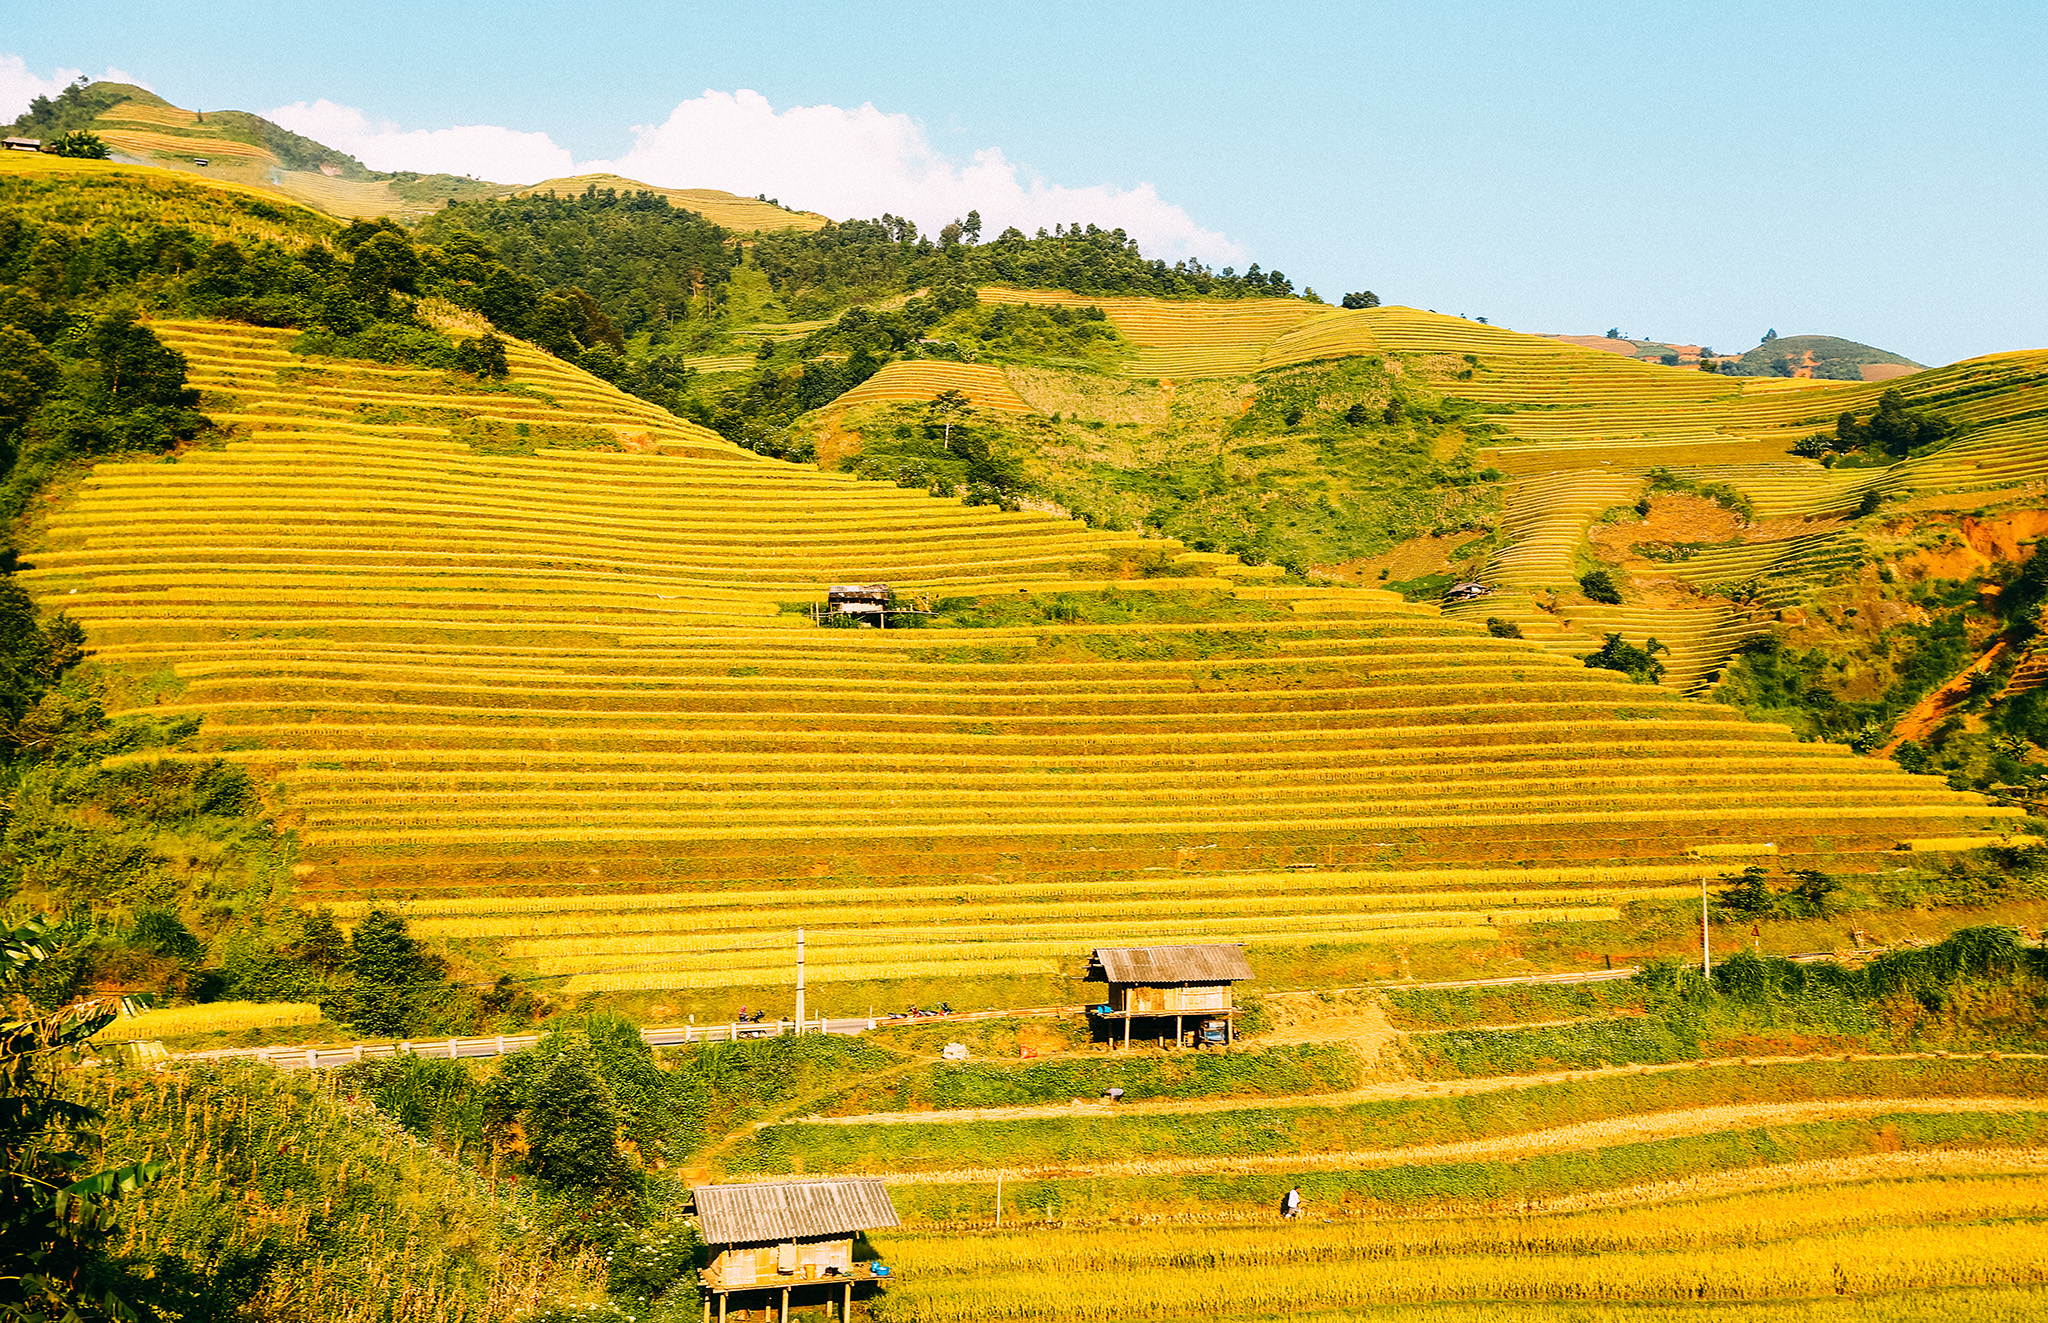 Hình ảnh cánh đồng lúa vàng óng đẹp nhất